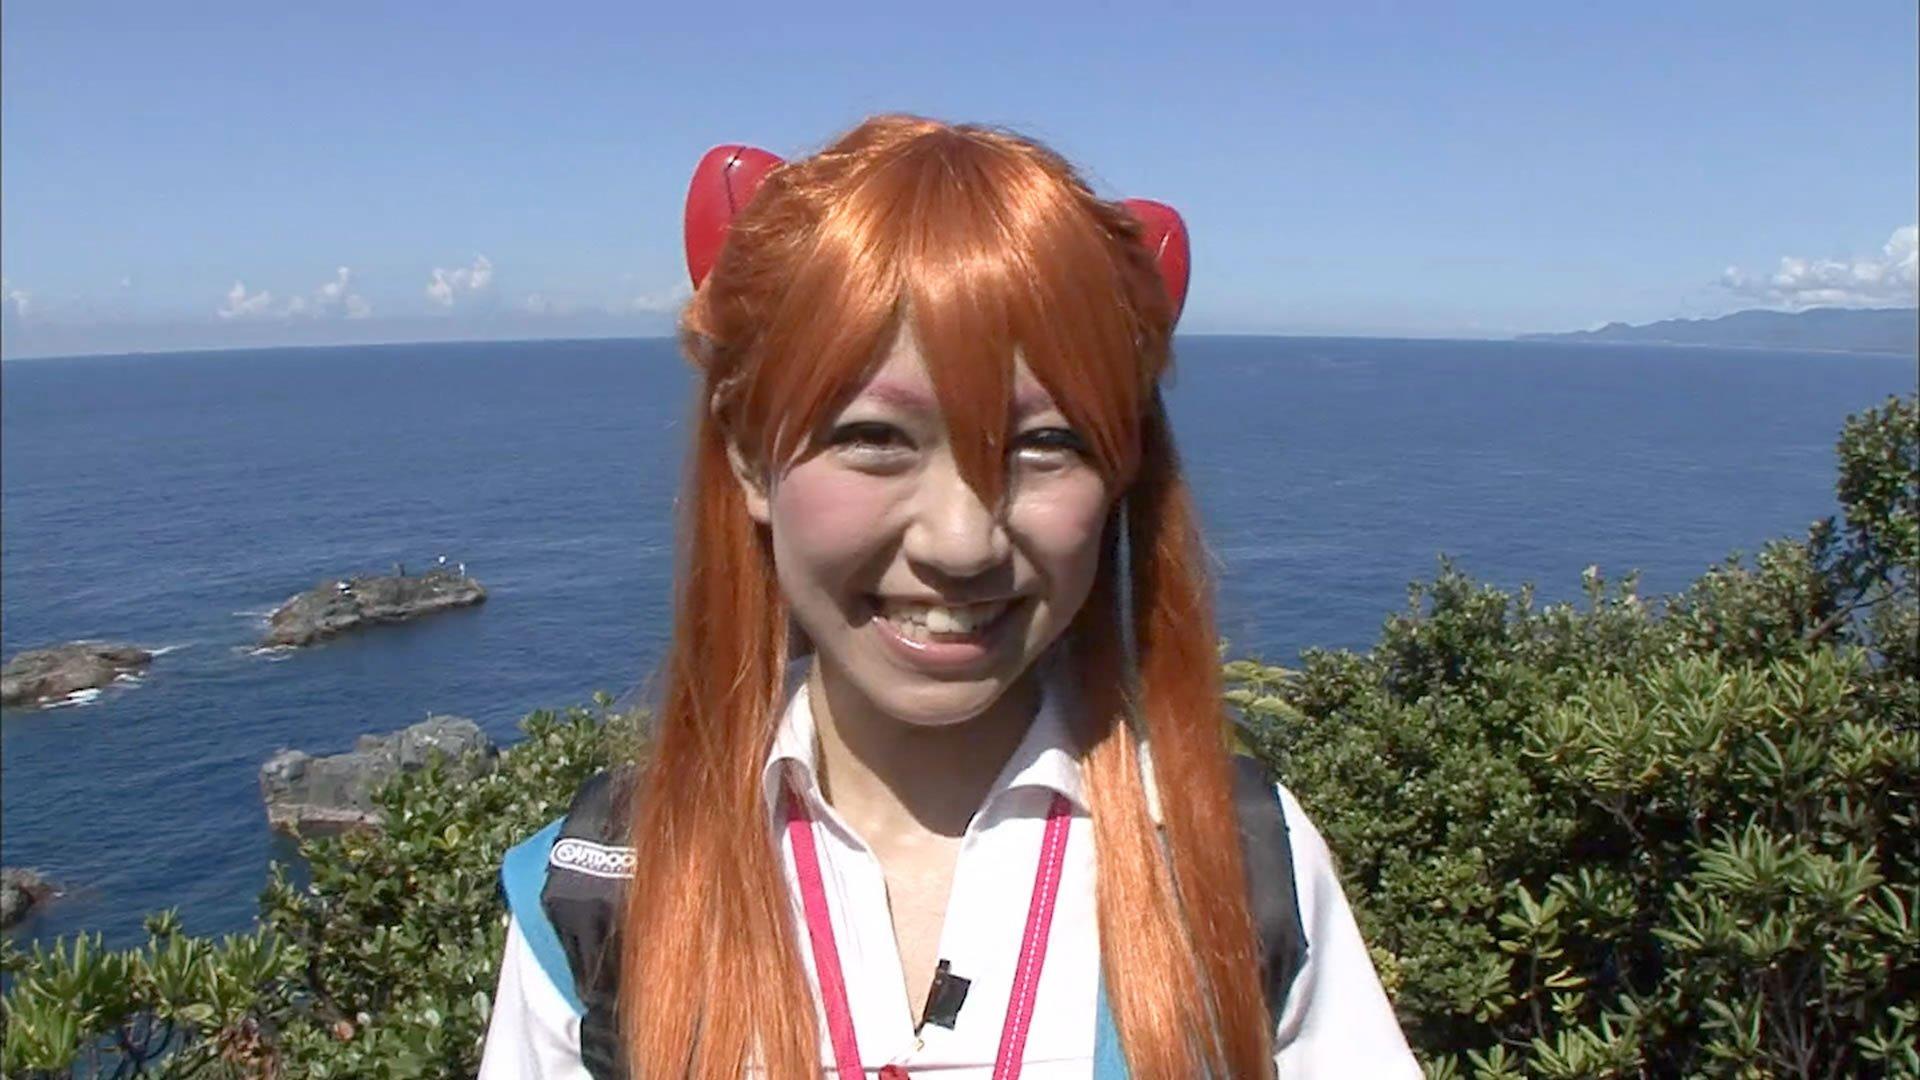 blog travel location episode1 - ヤラセしか無い?ブログ旅が人気だった『ロケみつ』が打ち切りになった理由